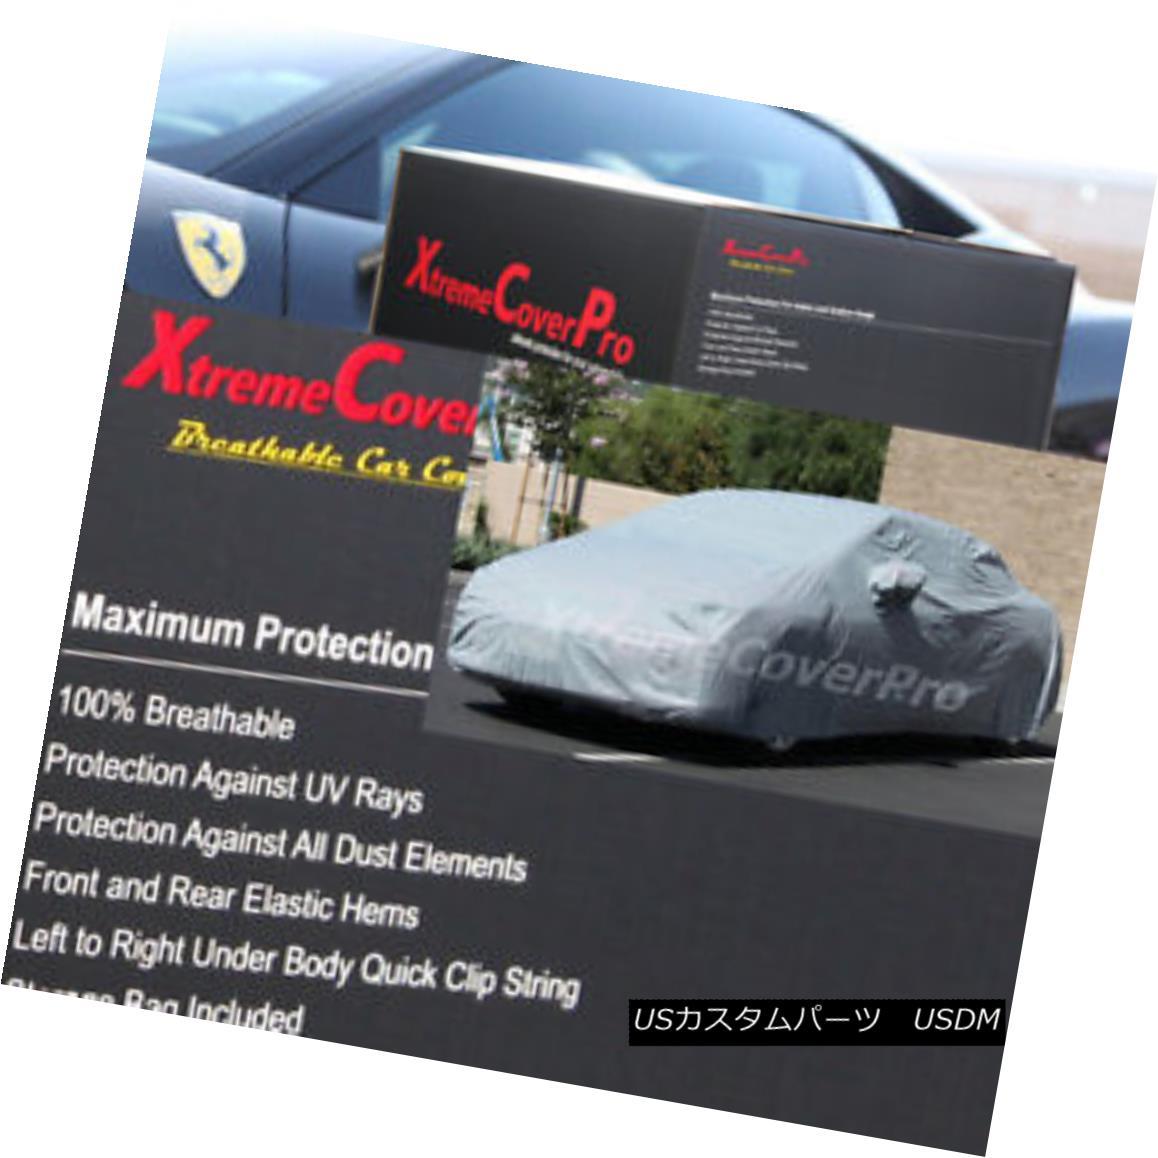 カーカバー 2007 2008 2009 Saturn Aura Breathable Car Cover w/MirrorPocket 2007年の2008年の土星オーラの通気性のある車のカバー/ MirrorPocket